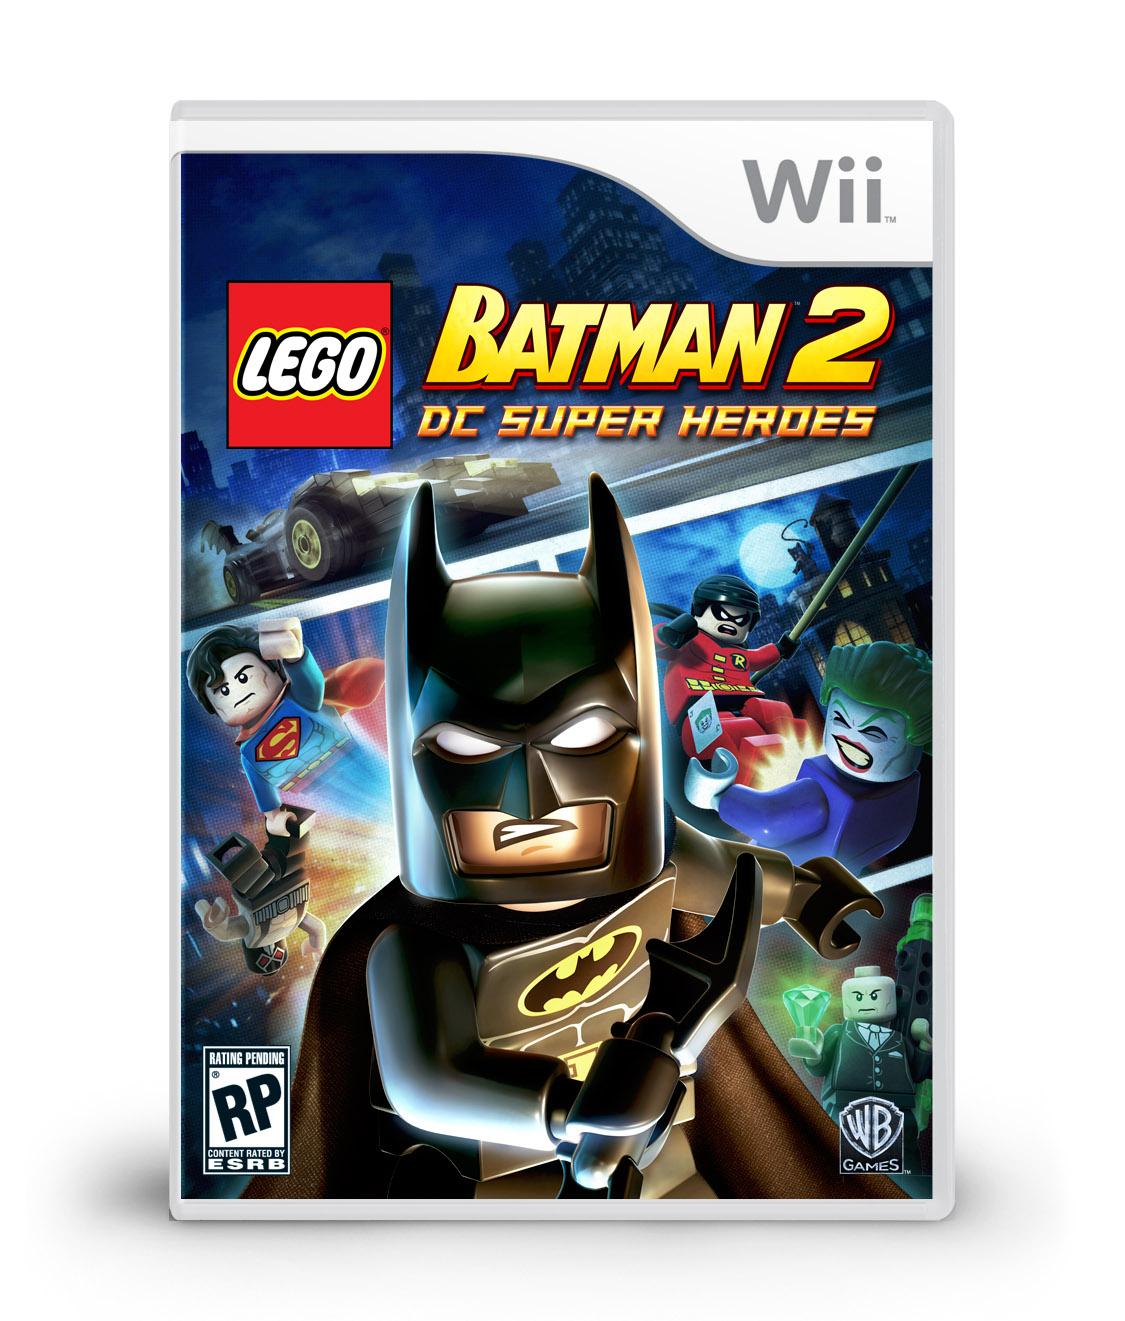 LEGO Batman 2 : DC Super Heroes (Jeu Wii U) - Images, vidu00e9os, astuces ...